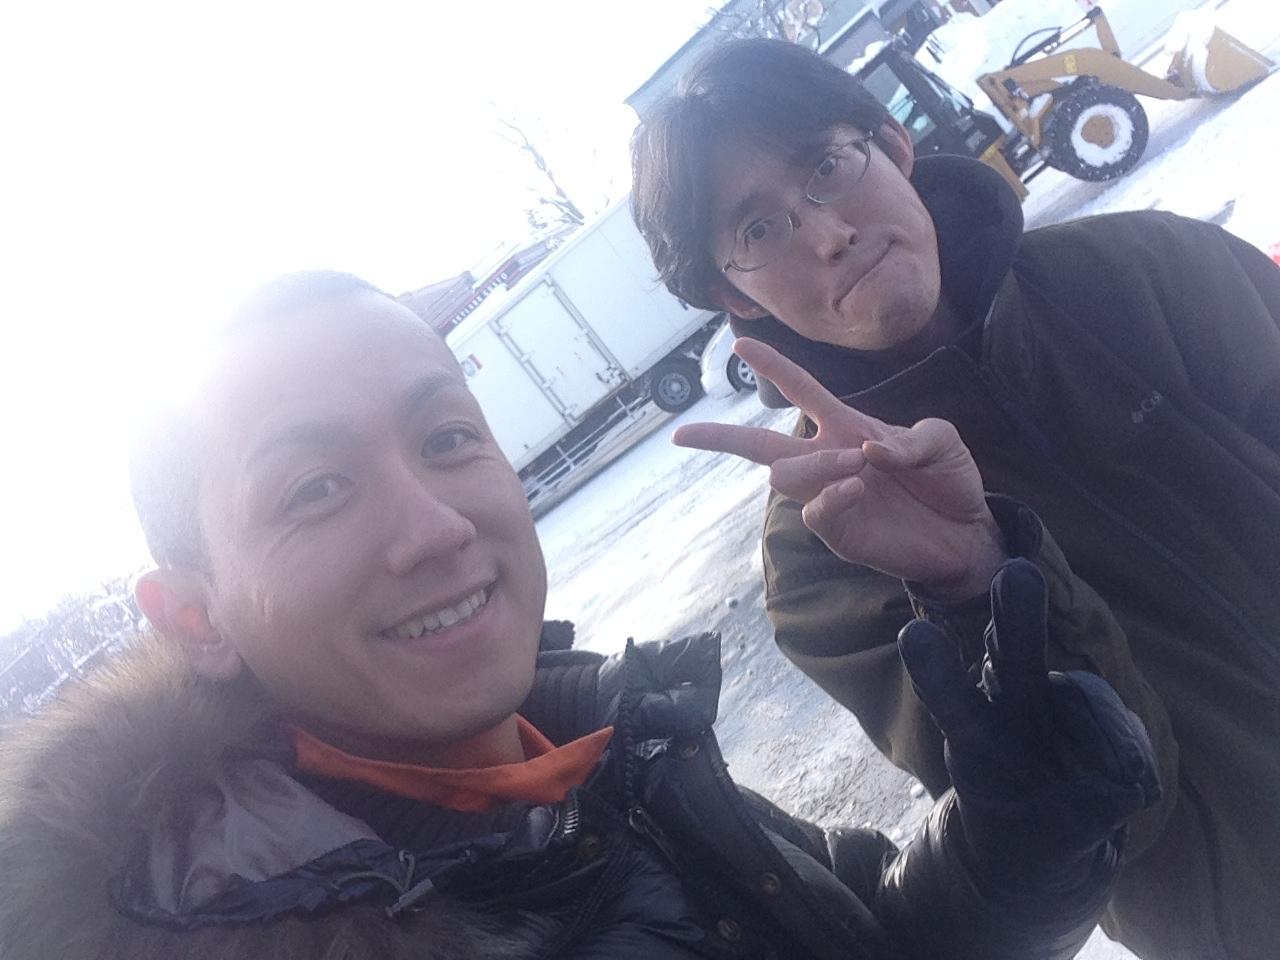 東京オートサロン準備の予定が除雪始めに、明寿ブログ、ランクル200ディーゼル_b0127002_21285119.jpg